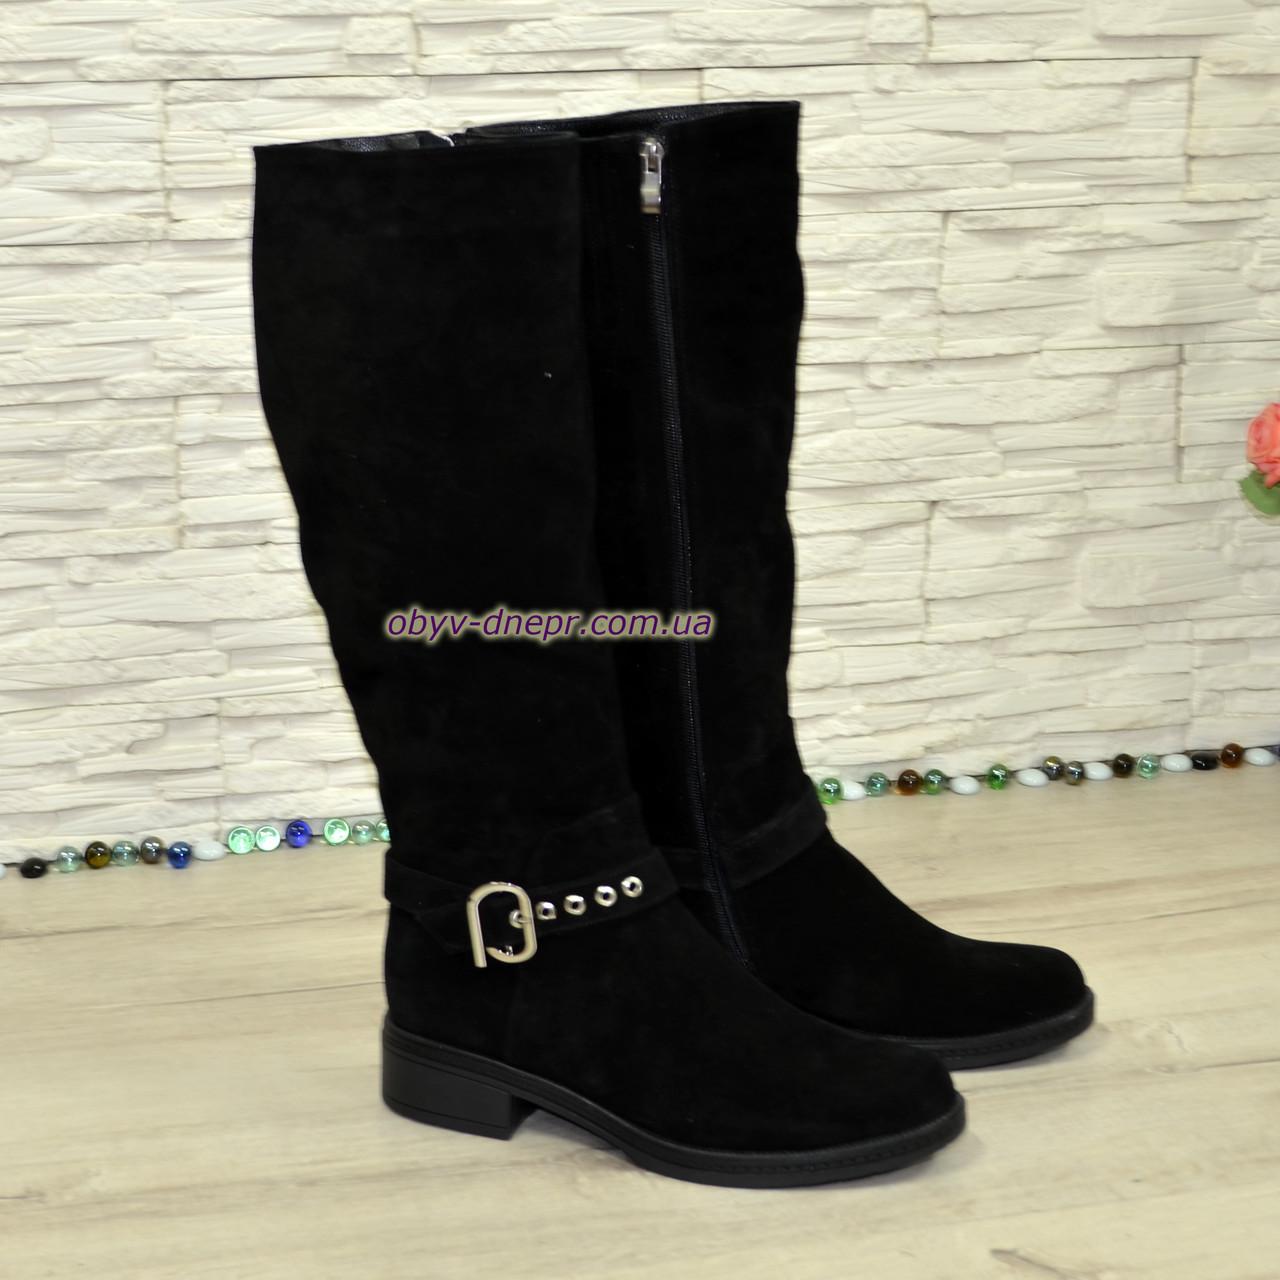 b400db811 Сапоги женские демисезонные на невысоком каблуке, натуральная замша черного  цвета